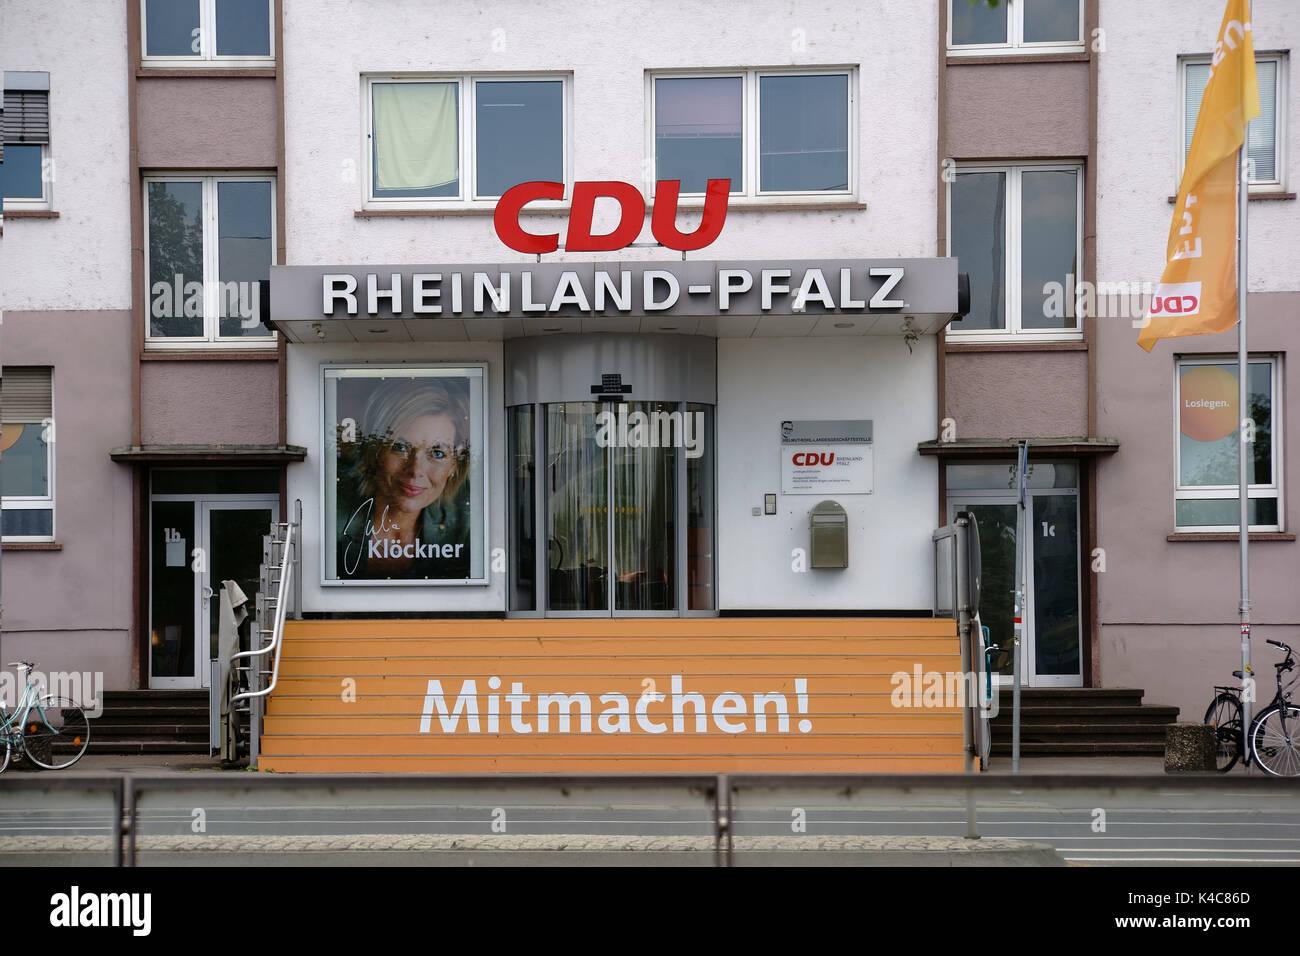 Cdu Party Headquarters Rhineland Palatinate - Stock Image